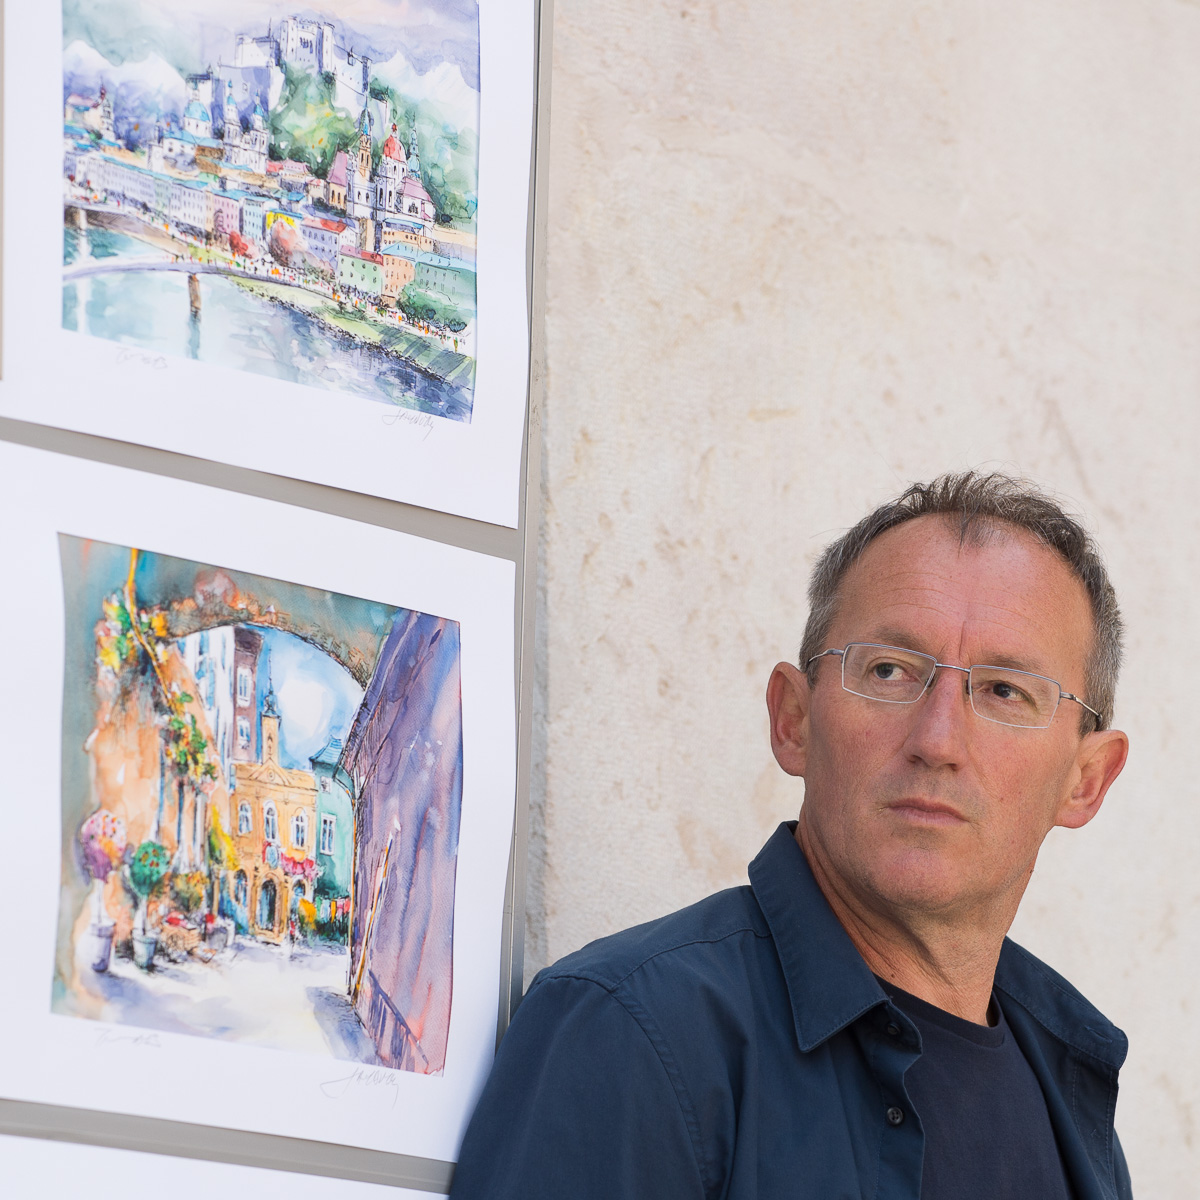 Seit über 20 Jahren steht Stefo Tomic an der Staffelei in der Salzburger Altstadt.